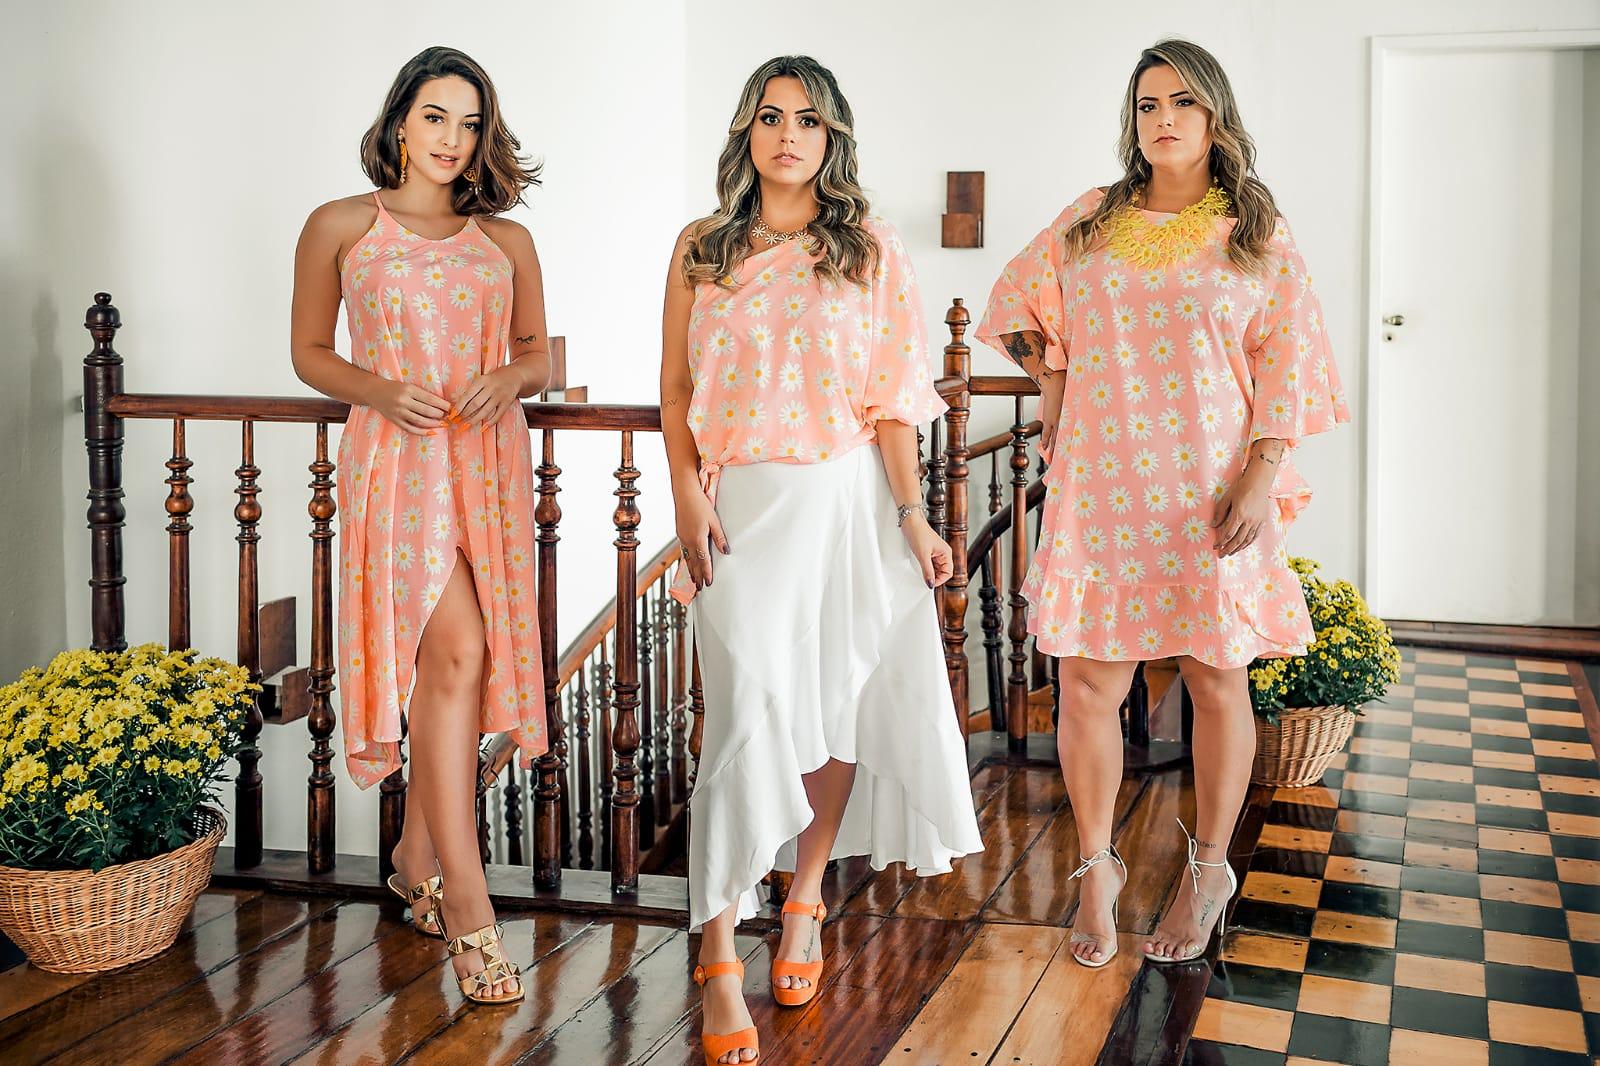 Três clientes da marca Santa Bata estrelam nova coleção assinada por Emília Mascarenhas